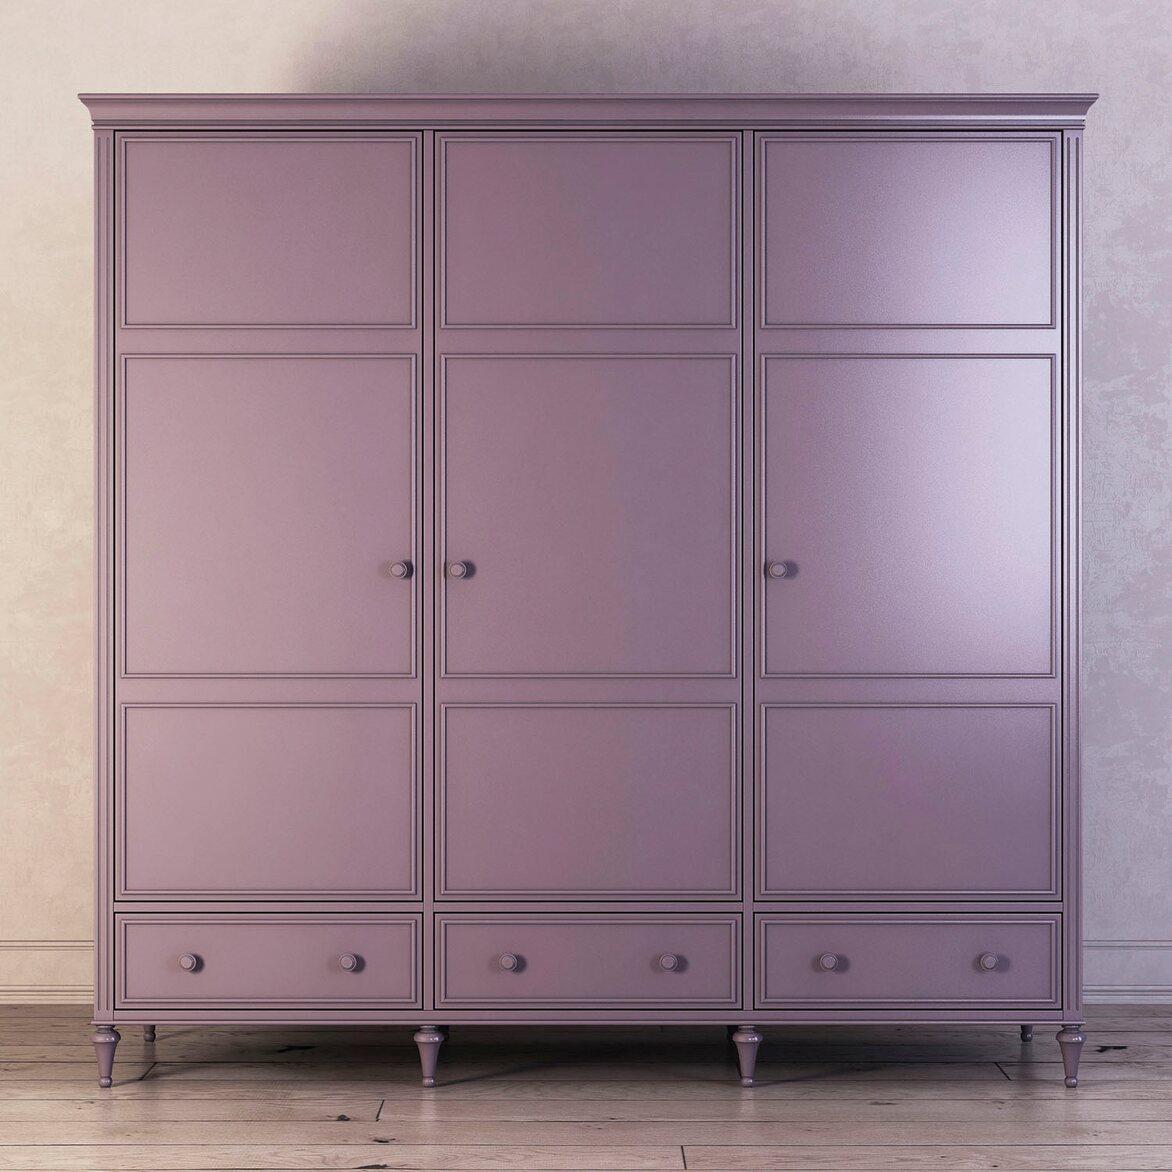 Шкаф трехстворчатый Riverdi, орхидея | Платяные шкафы Kingsby